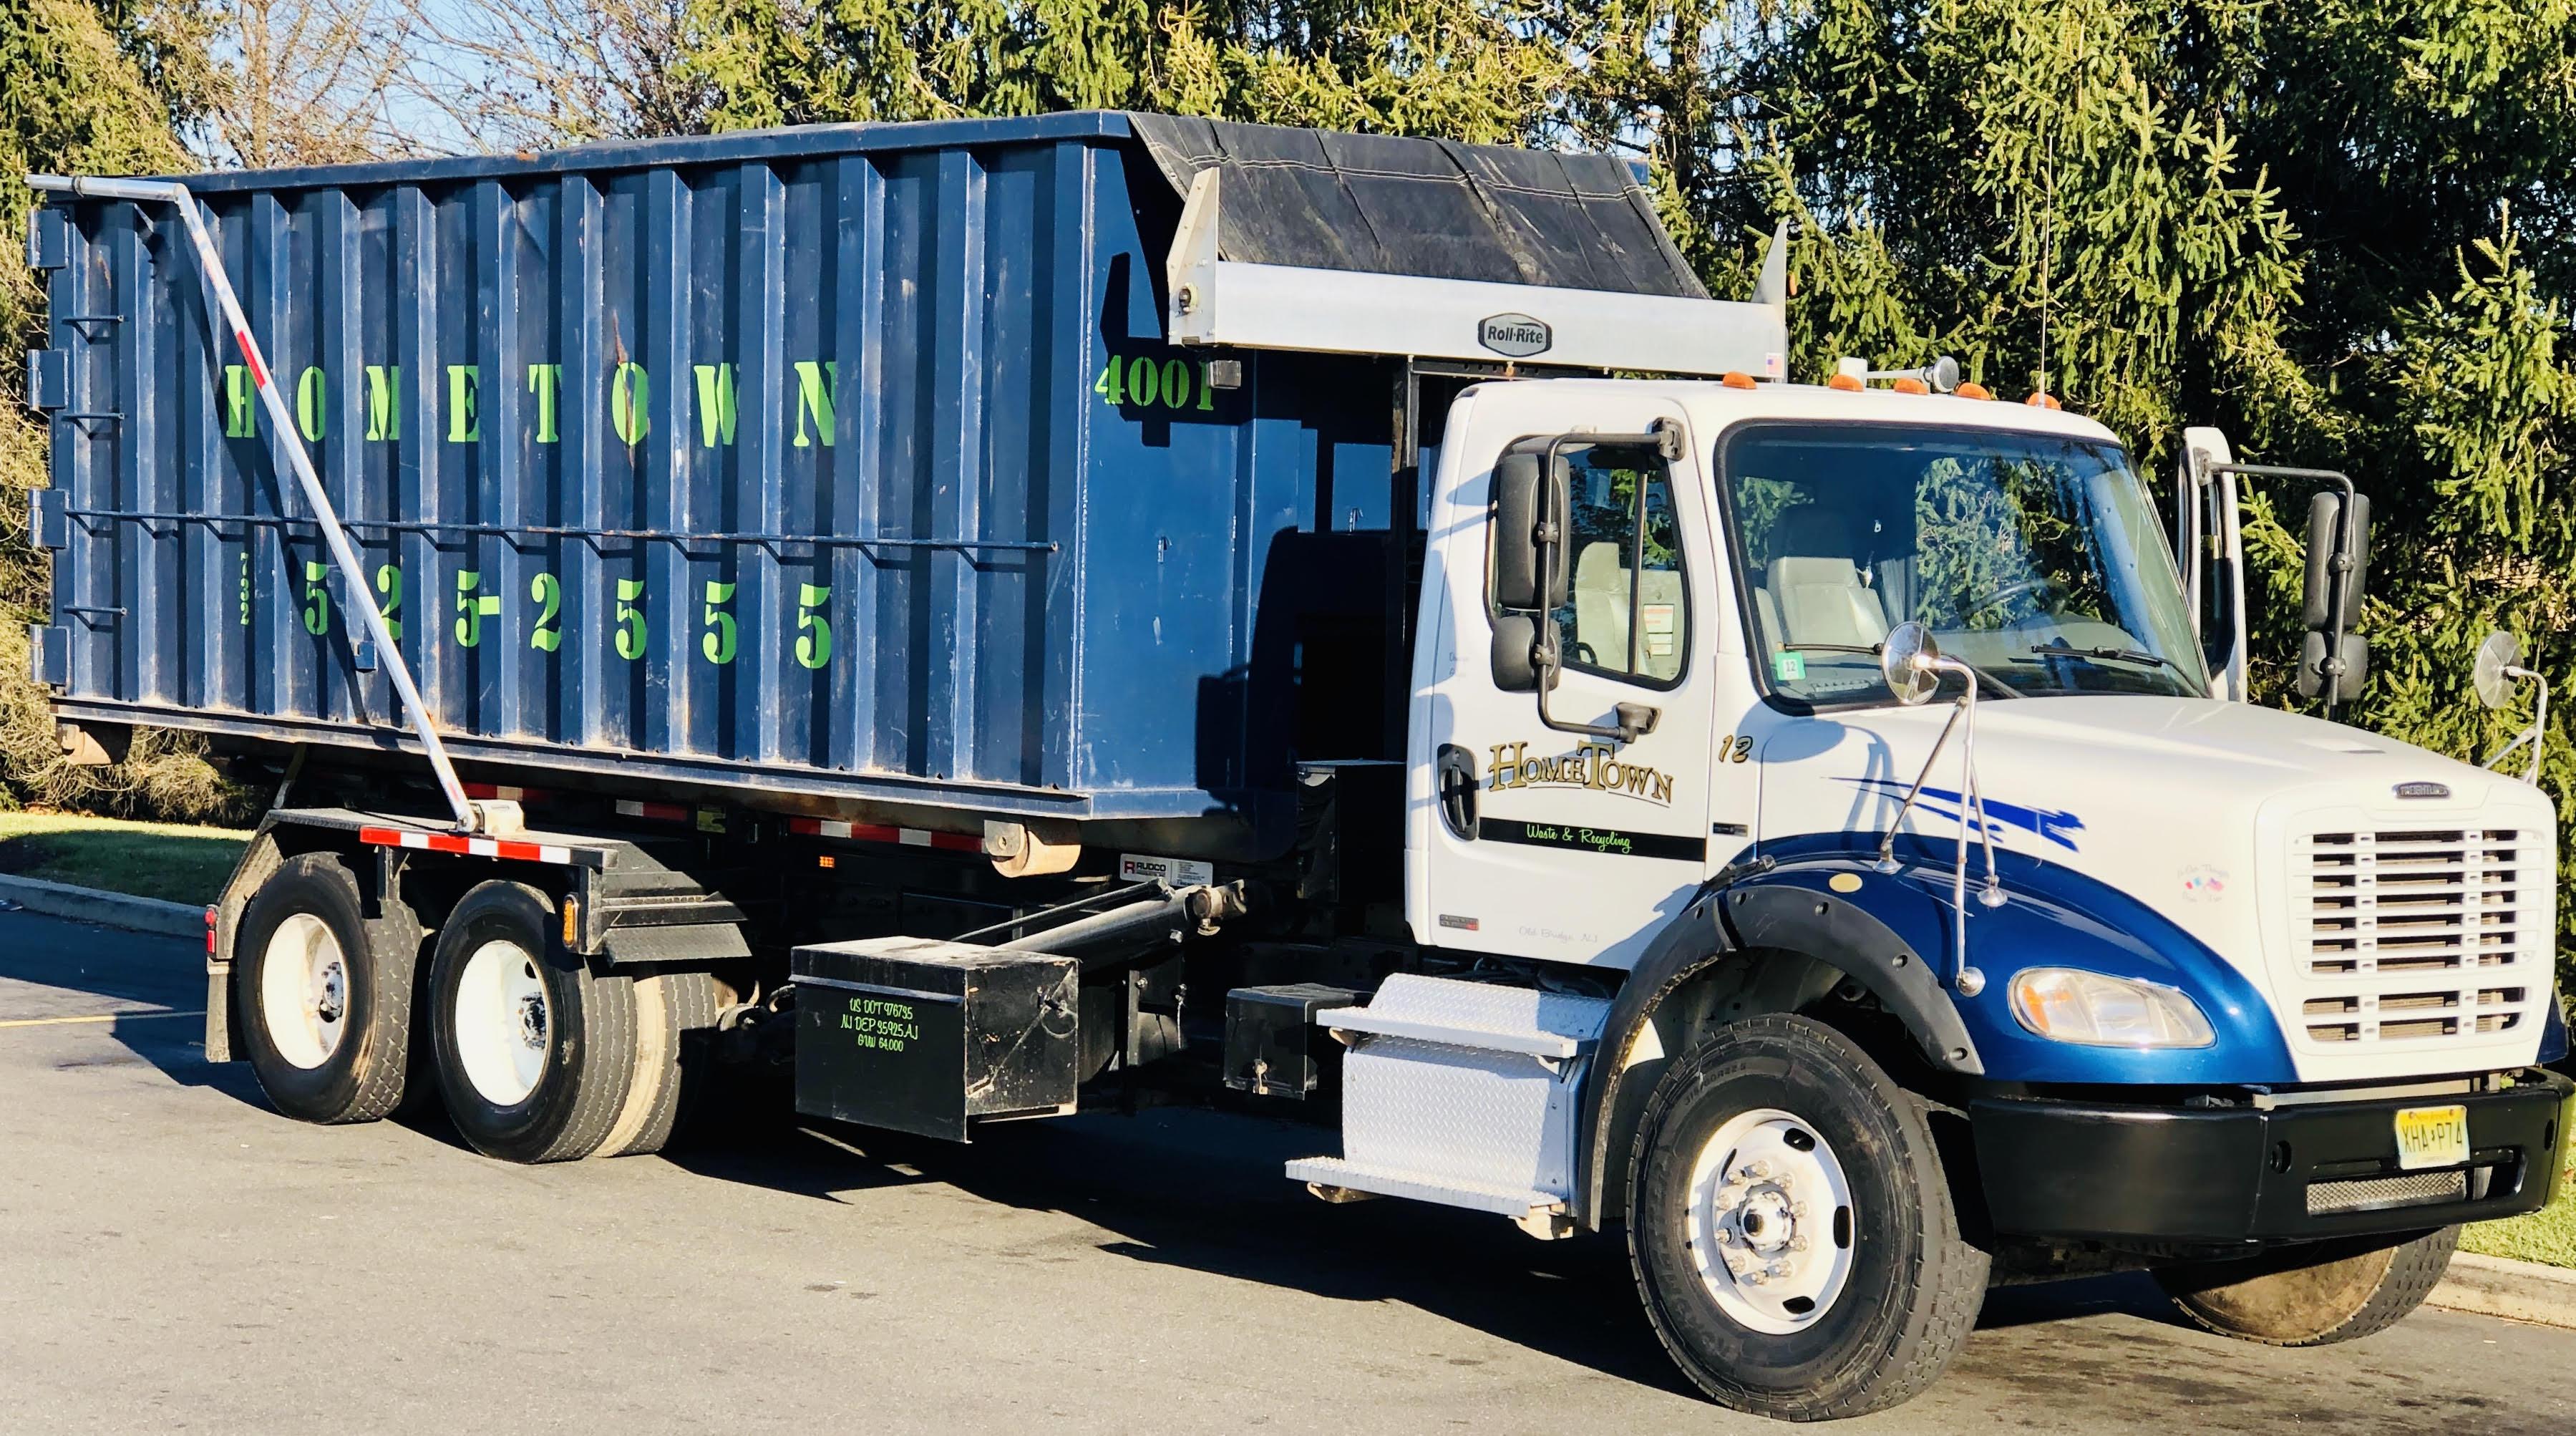 40 yard dumpster rental in Burlington County, NJ